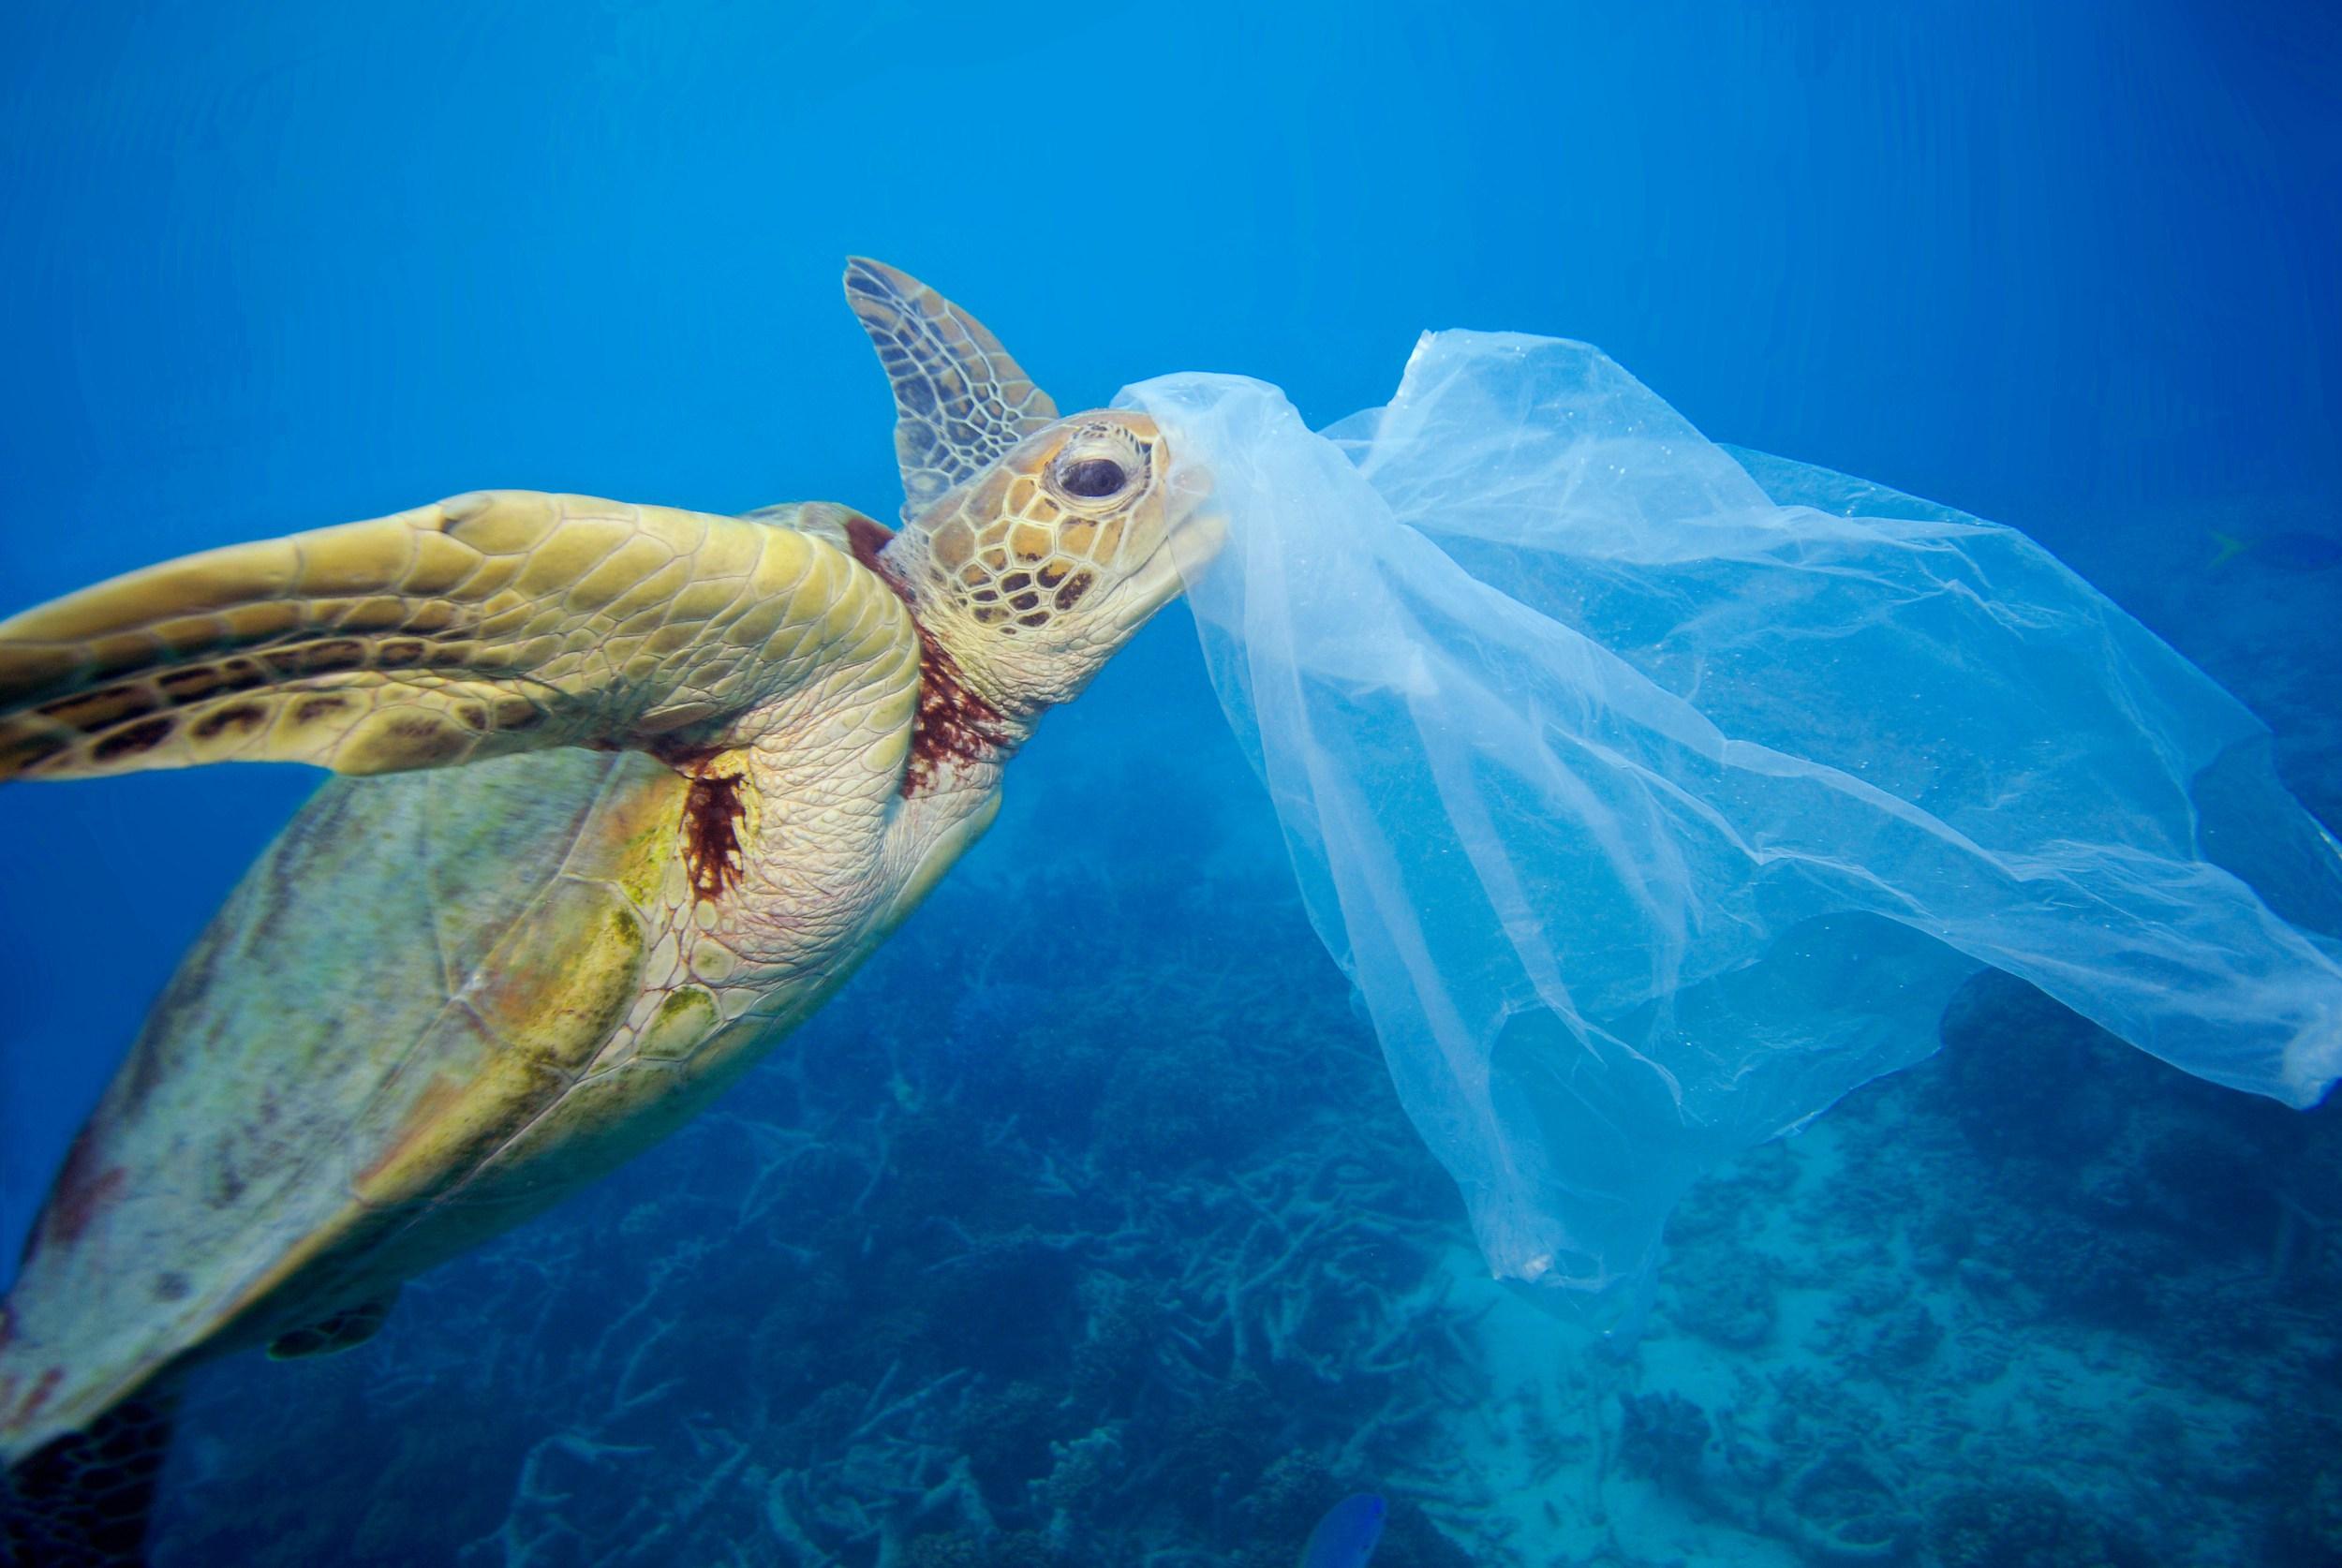 AMBIENTE: Dal 1 Settembre Lampedusa diventa Plastic Free